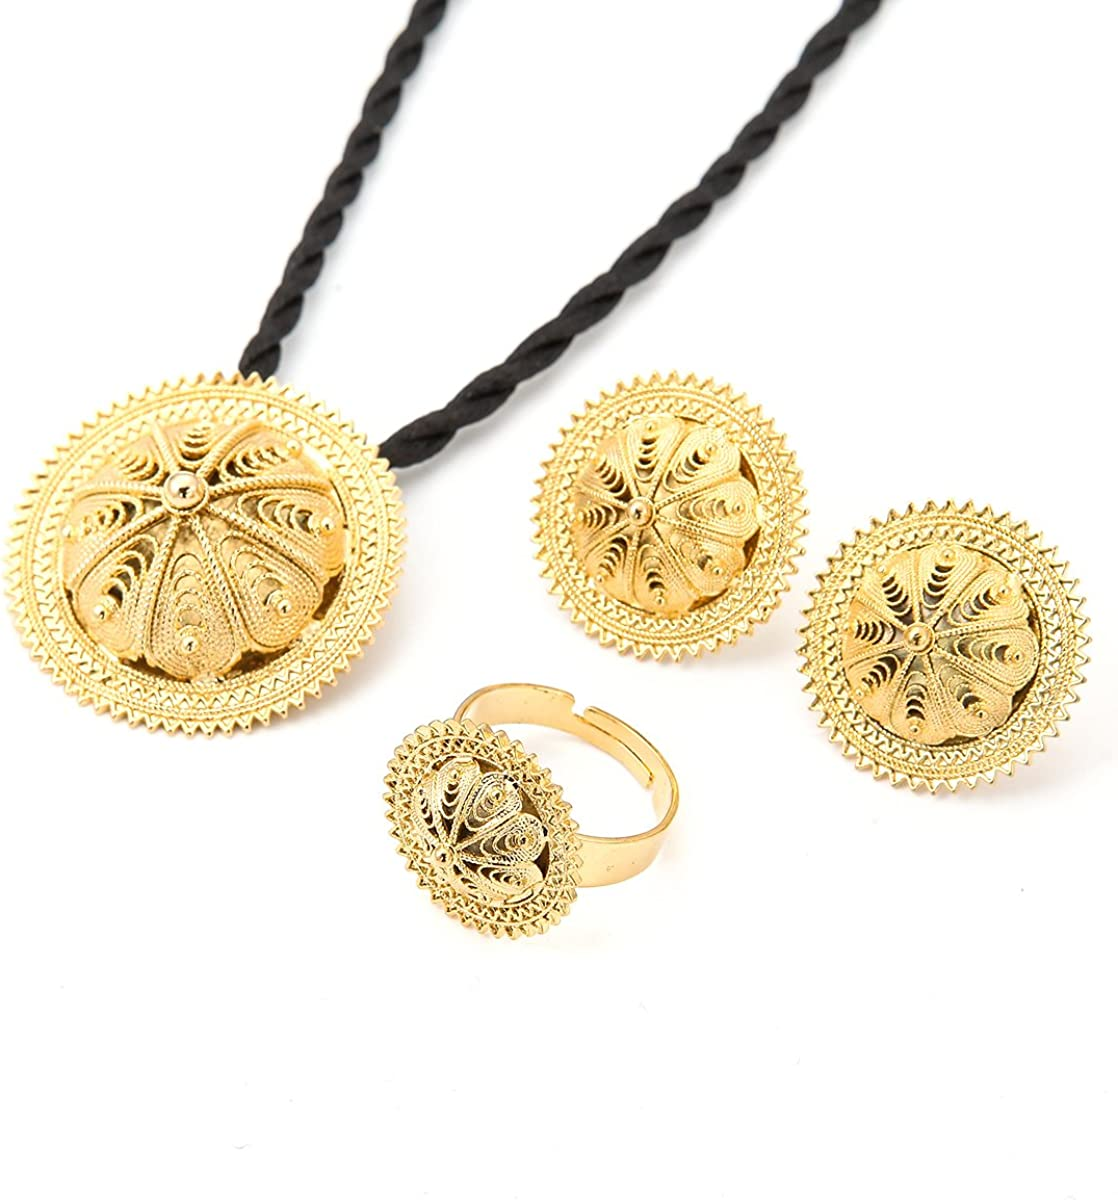 Habesha Jewelry Set Ethiopian Bridal Wedding 18k Gold Plated African 3pcs Set Nigeria Eritrea Jewelry